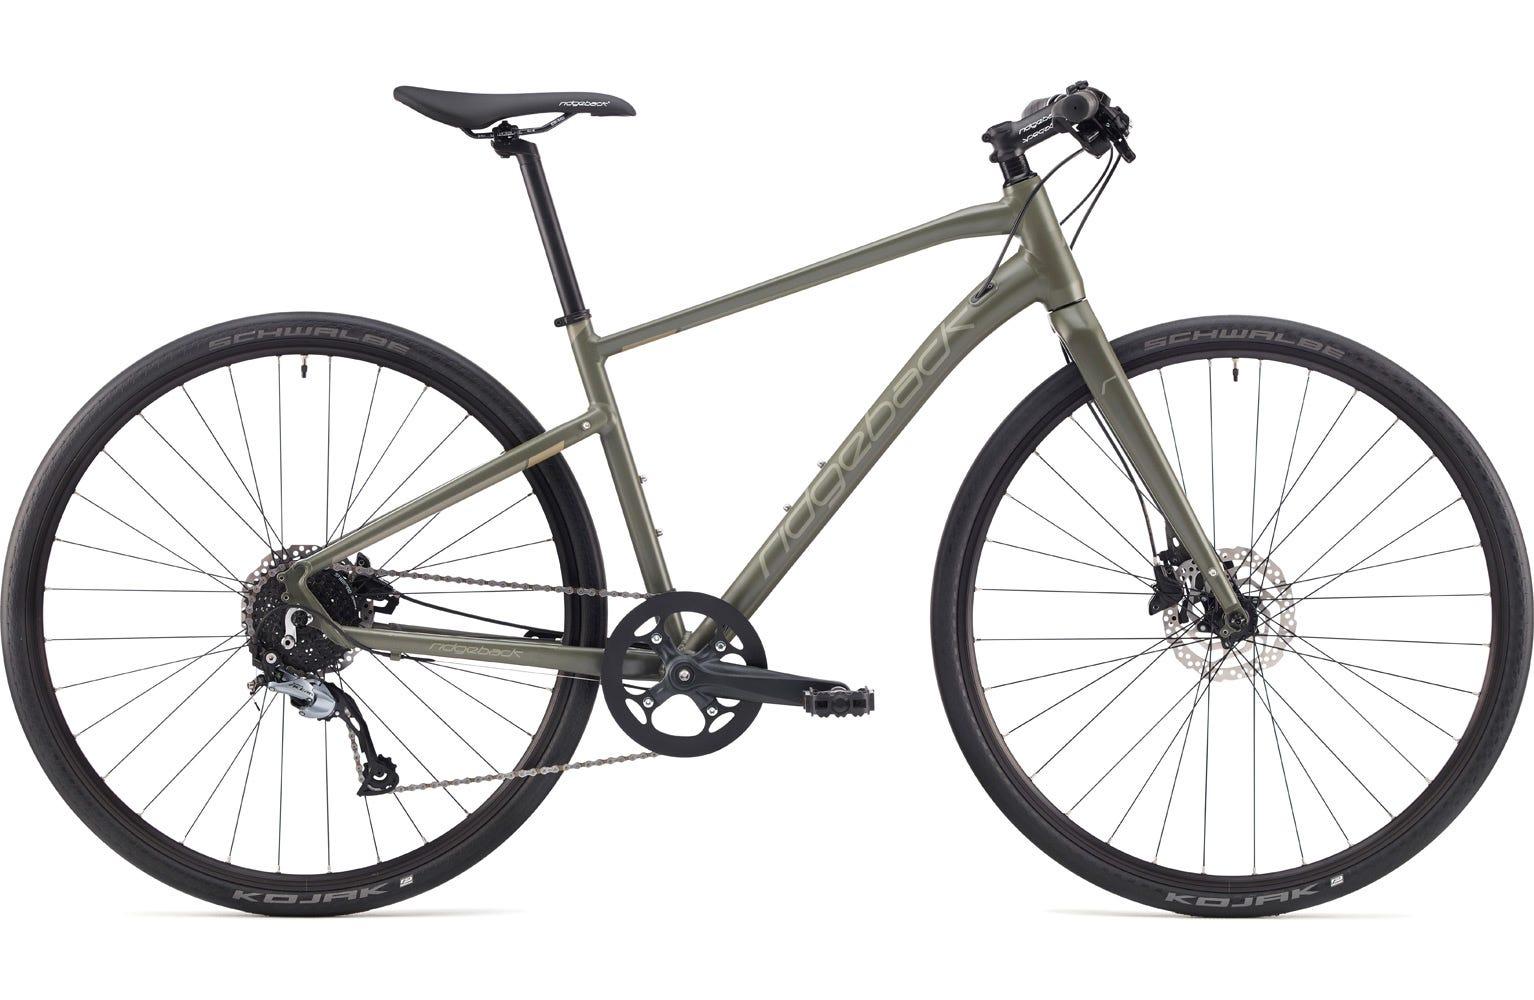 Ridgeback Flight 01 Small bike EX DISPLAY